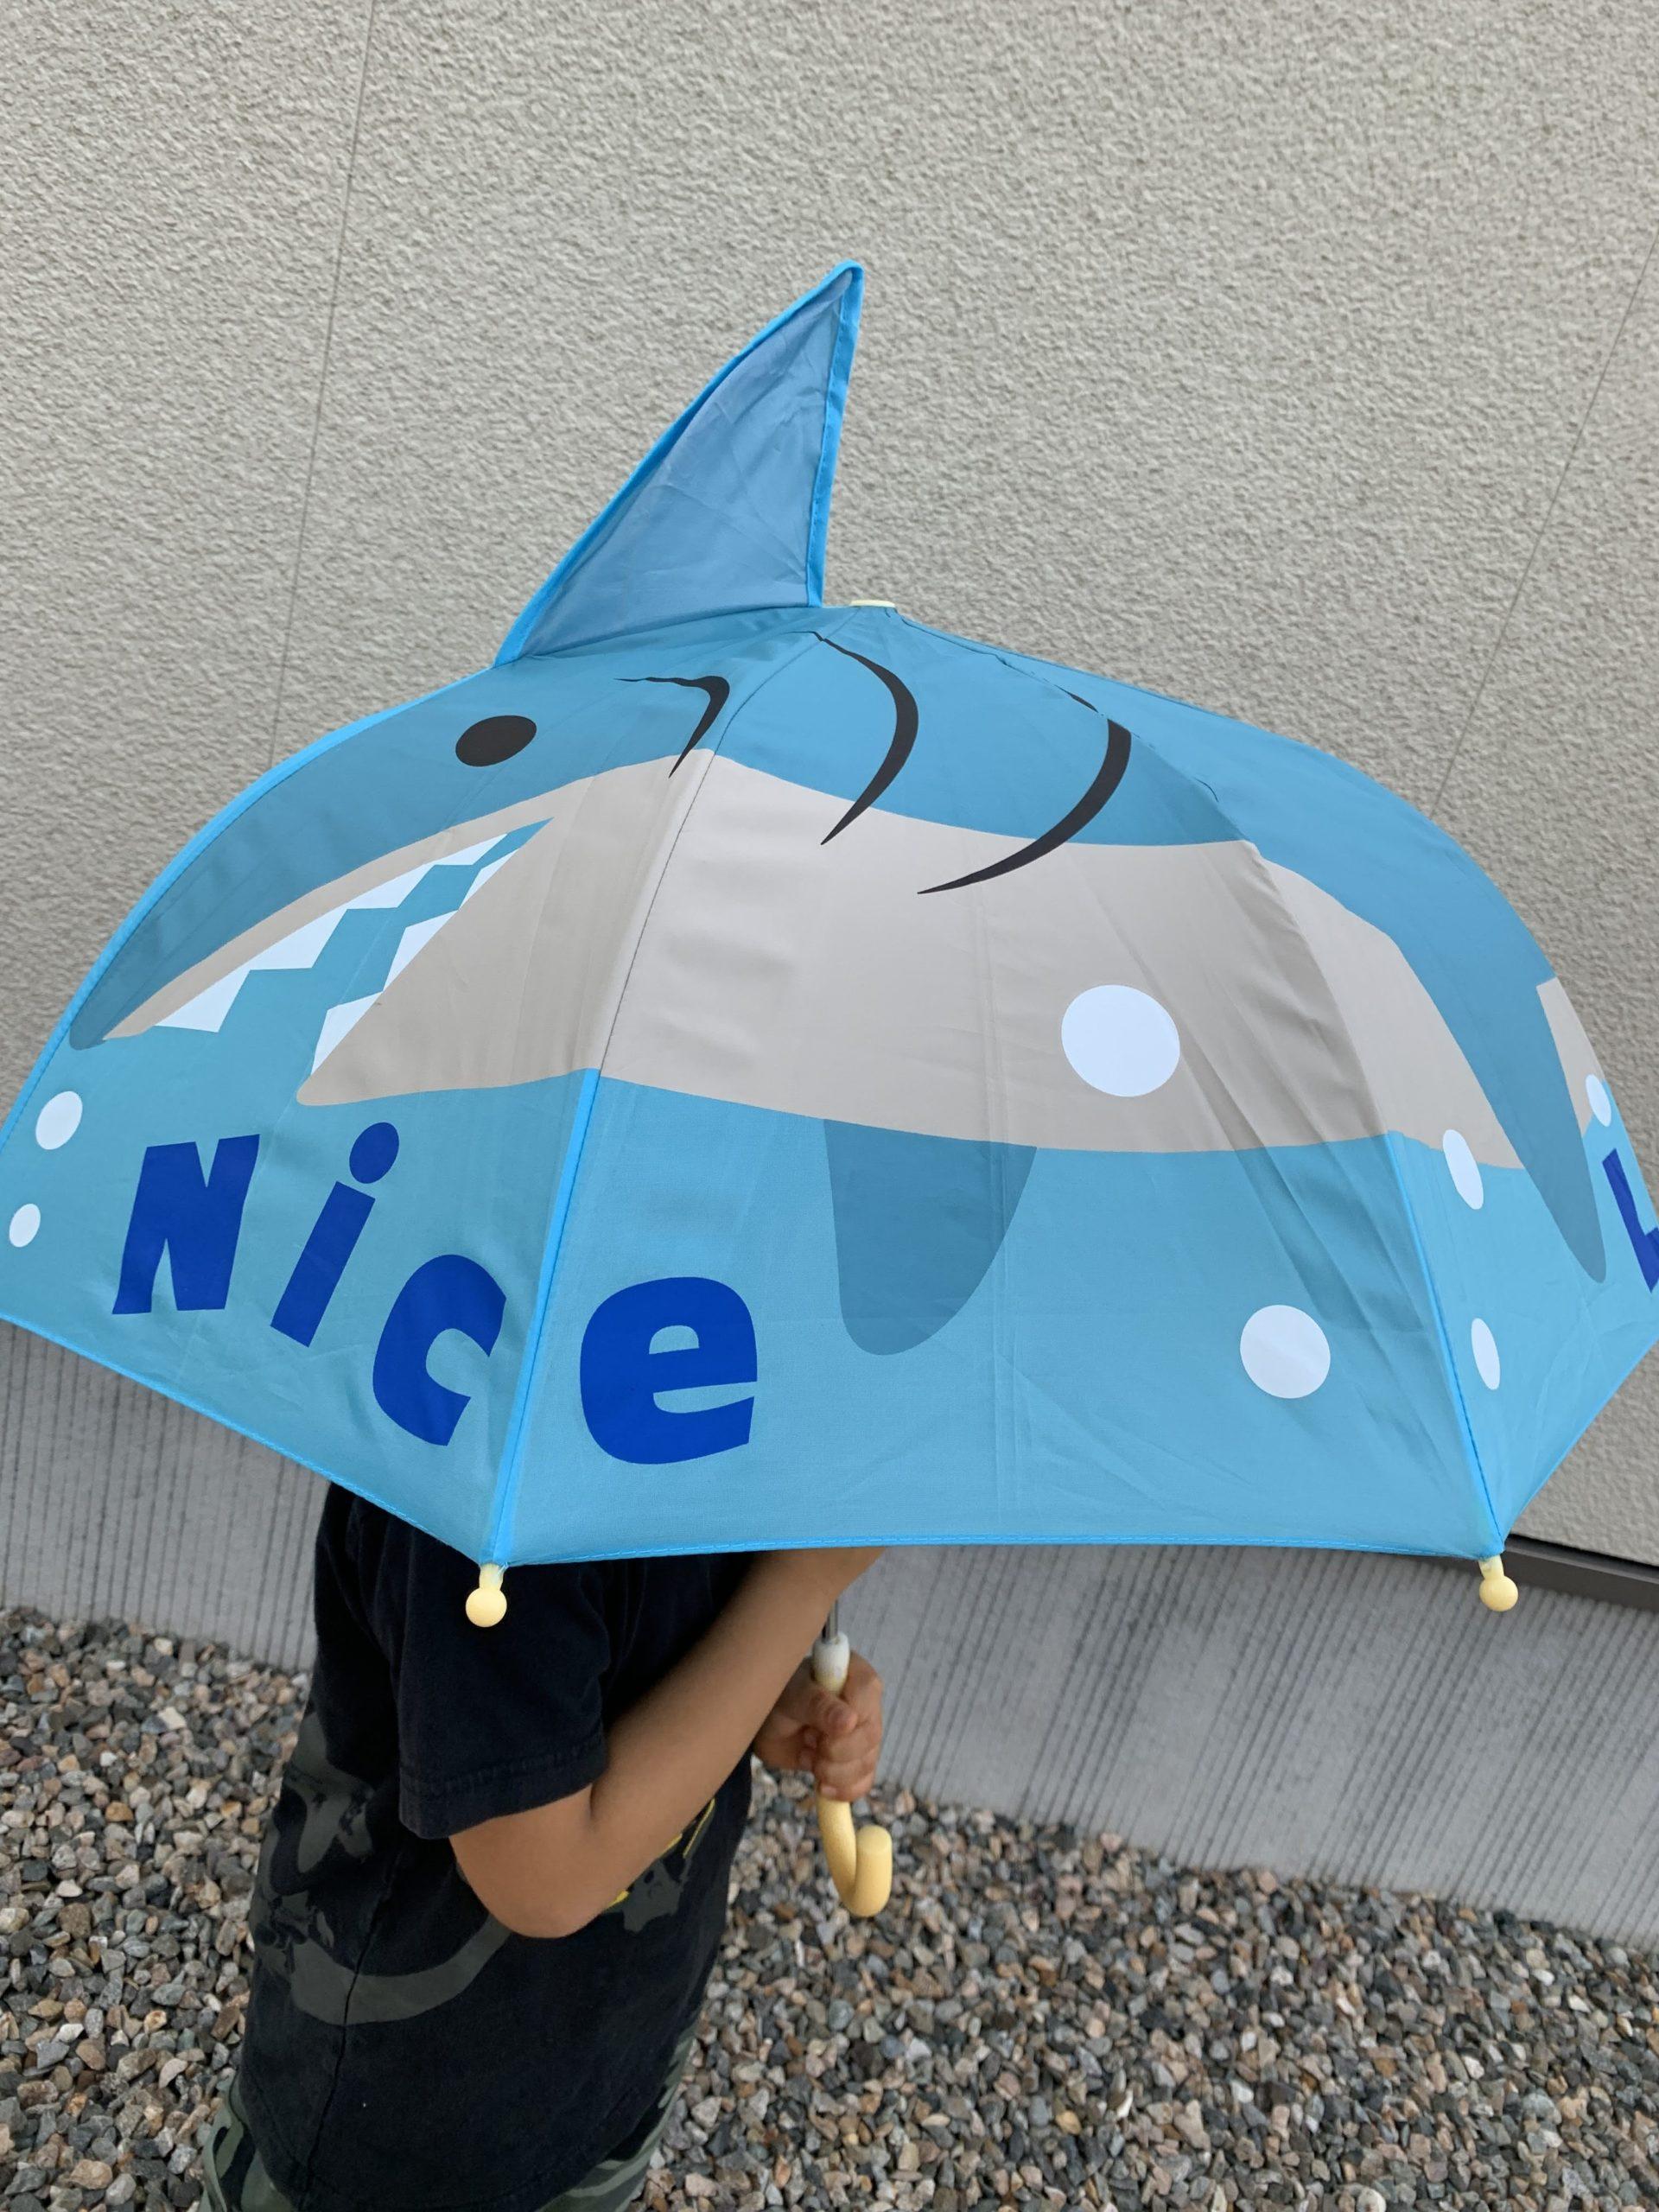 スリコの子供かさ(キッズダイカット傘/サメ・ユニコーン)が可愛い:値段はいくら?